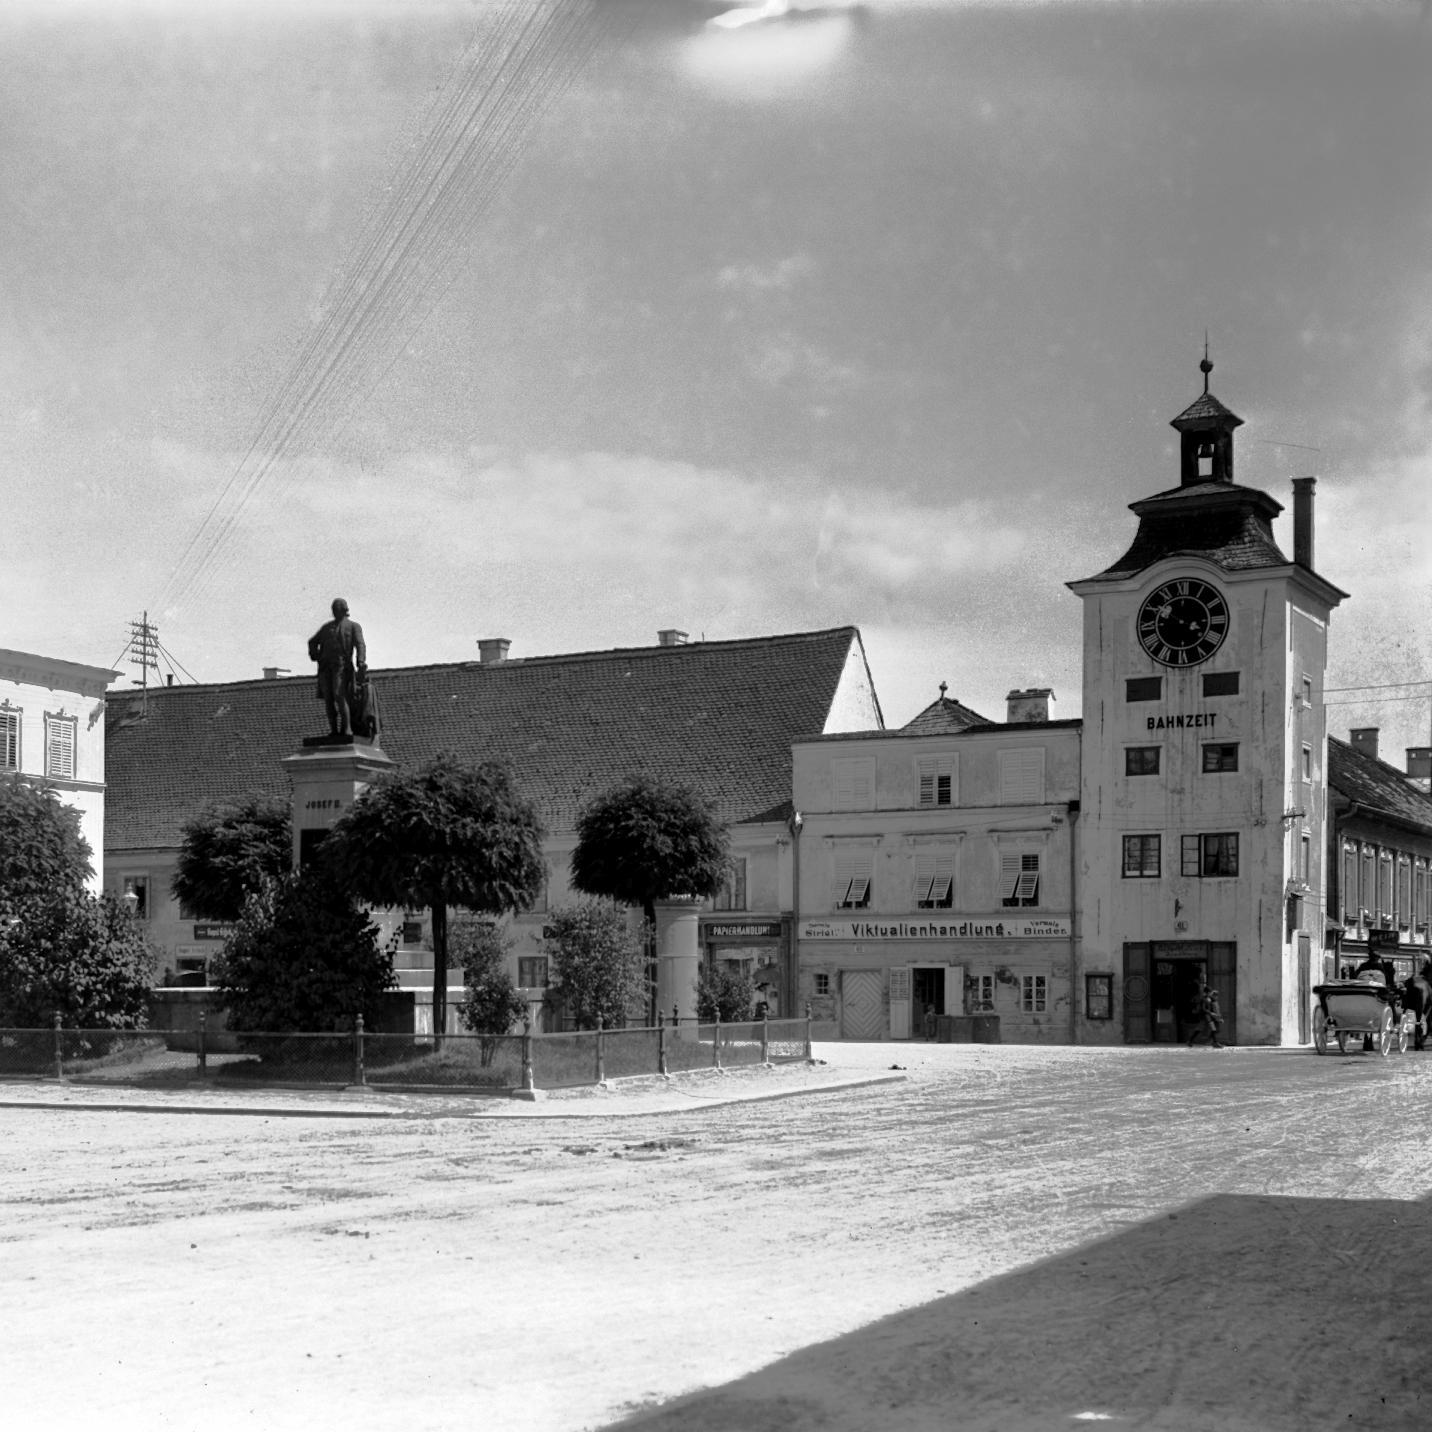 altes Foto vom Kaiser-Josef-Platz mit der Status von Kaiser Franz-Josef und der alten Pferdeeisenbahnstation Bahnzeit